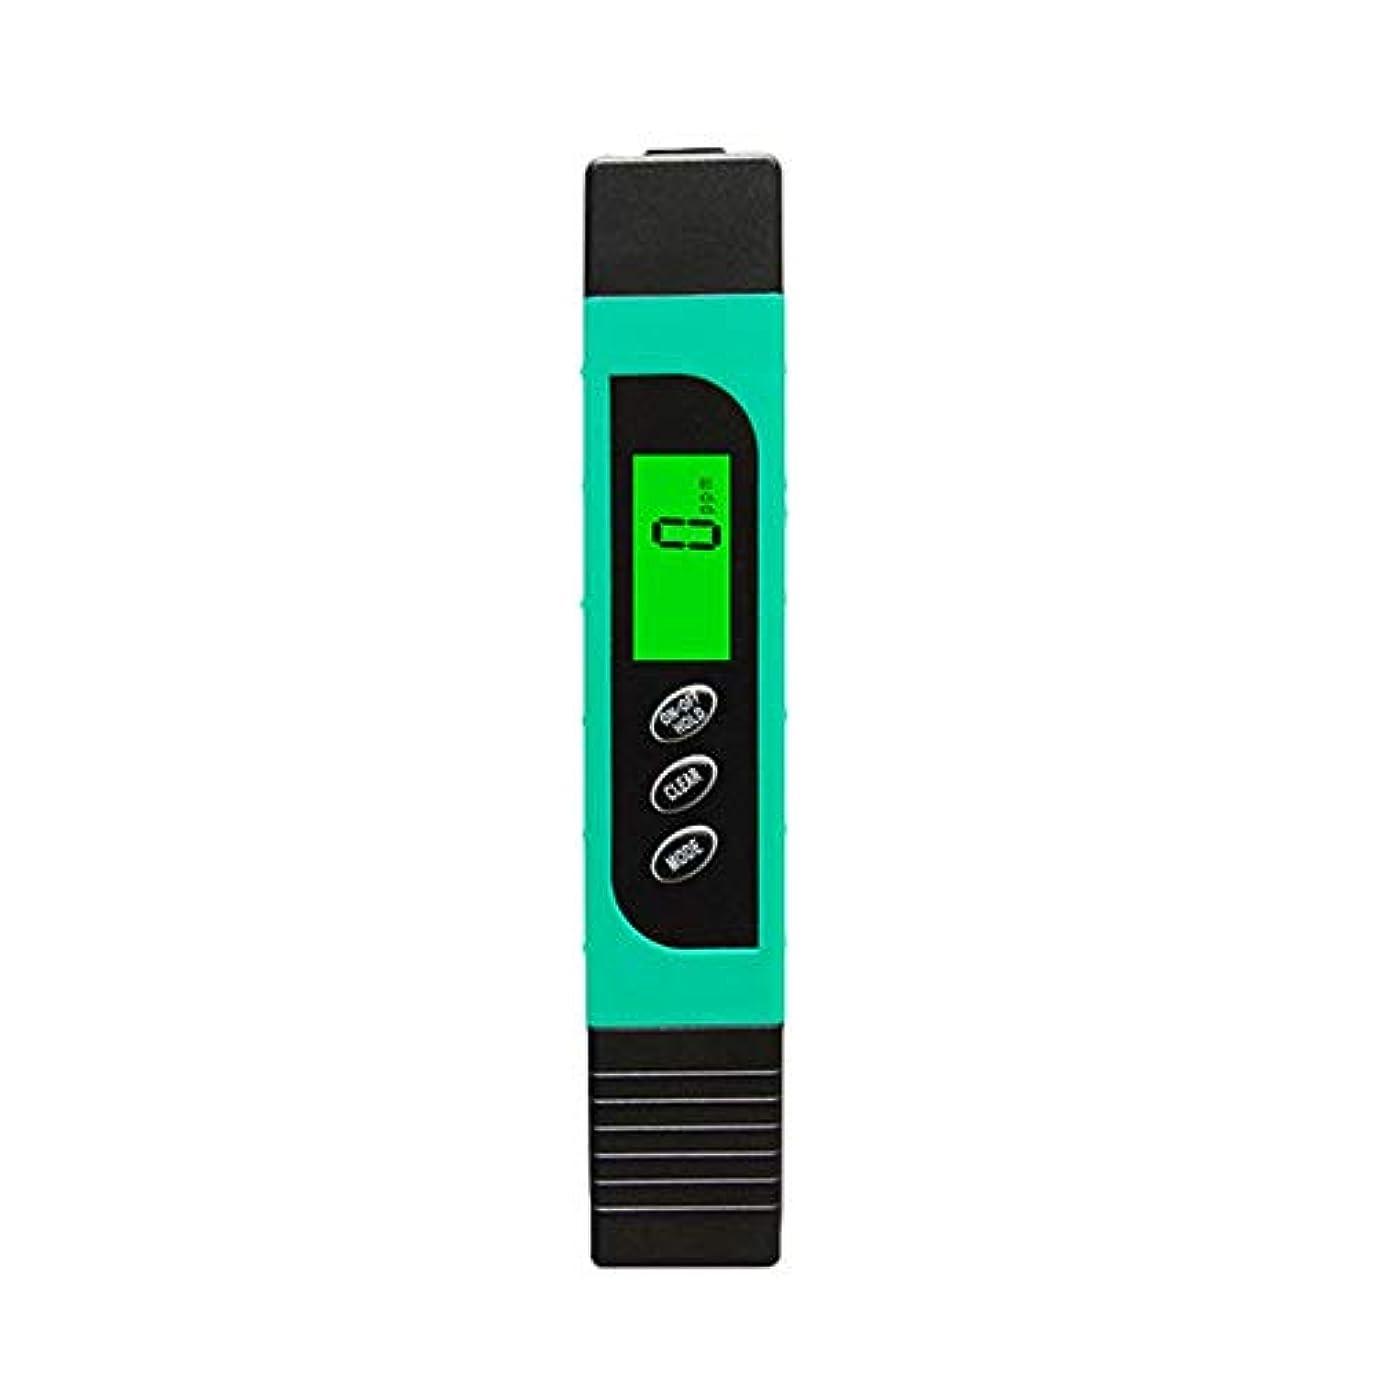 要件シングルマニフェスト多機能TDSメーターテスターポータブルデジタルペン0.01高精度フィルター測定水質純度テストツール - ブルー